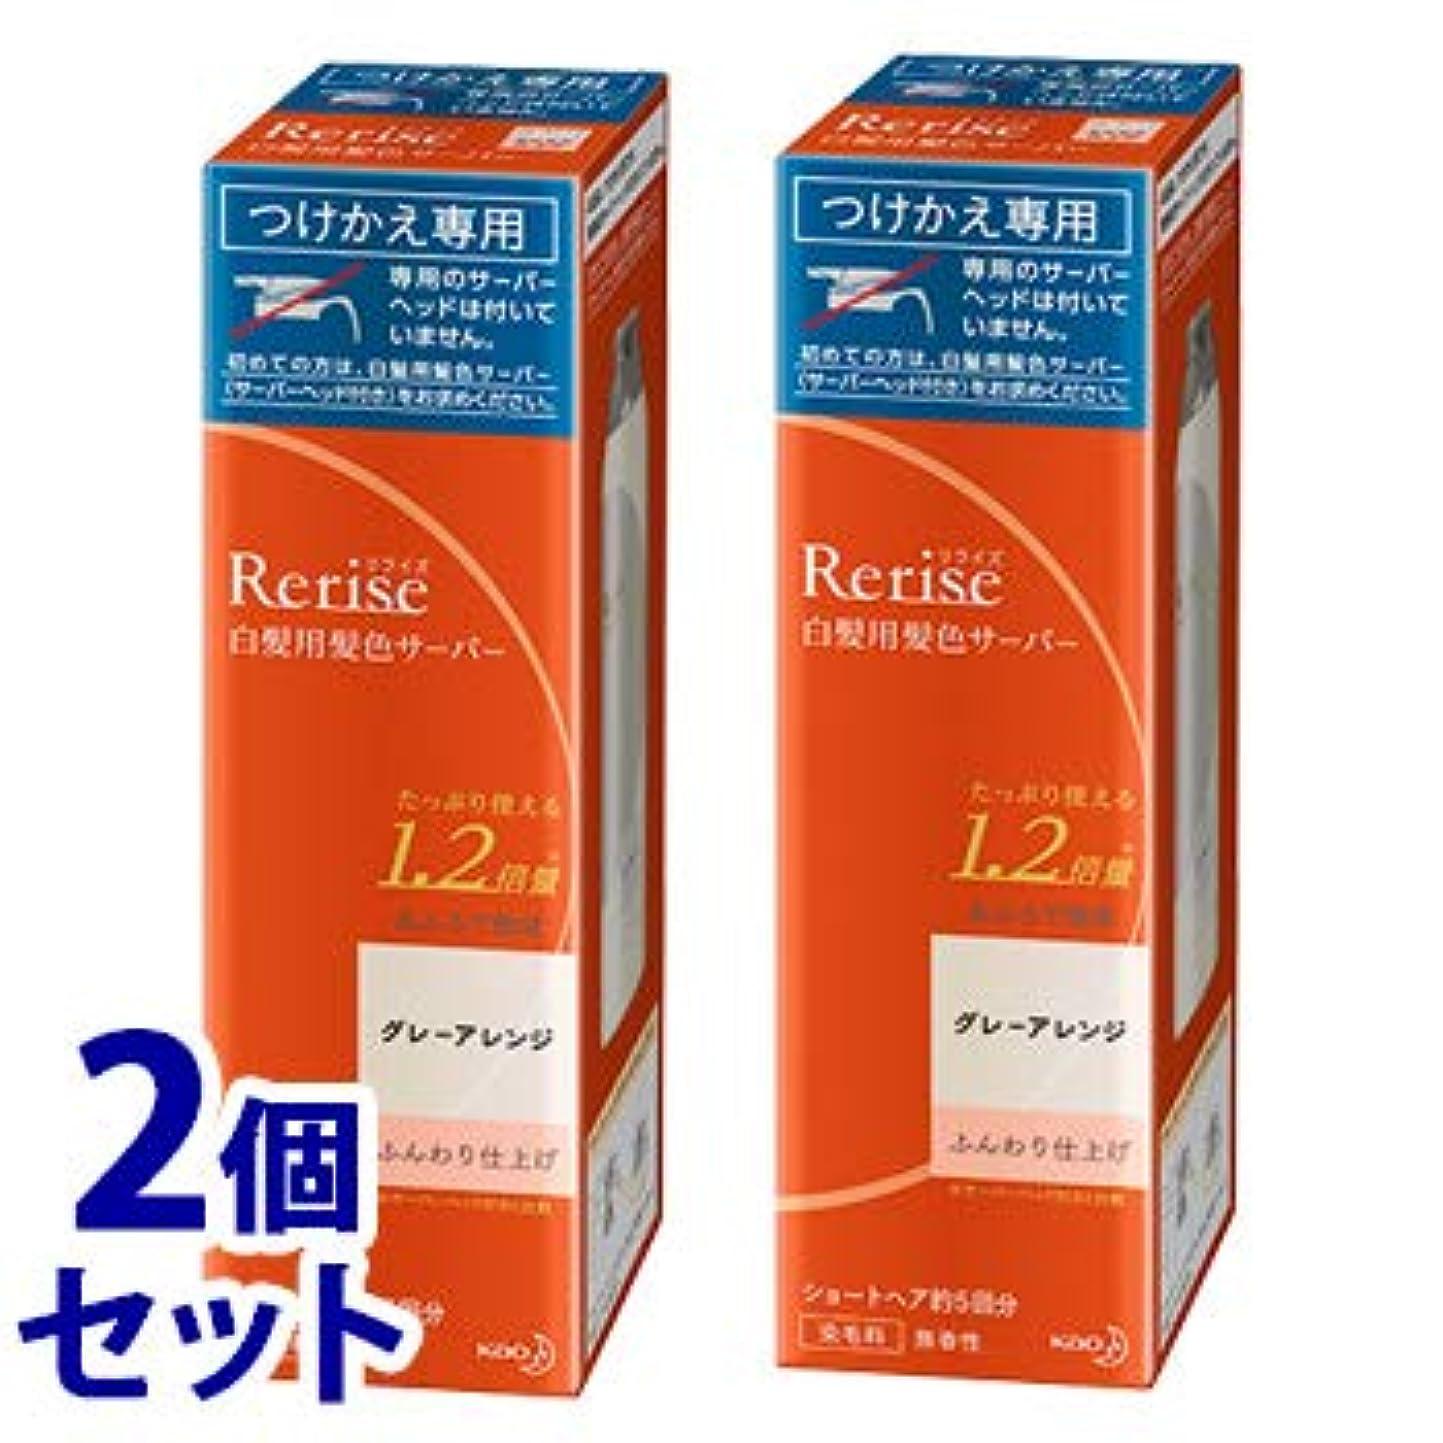 単調な黒板も《セット販売》 花王 リライズ 白髪用髪色サーバー グレーアレンジ ふんわり仕上げ つけかえ用 (190g)×2個セット 付け替え用 染毛料